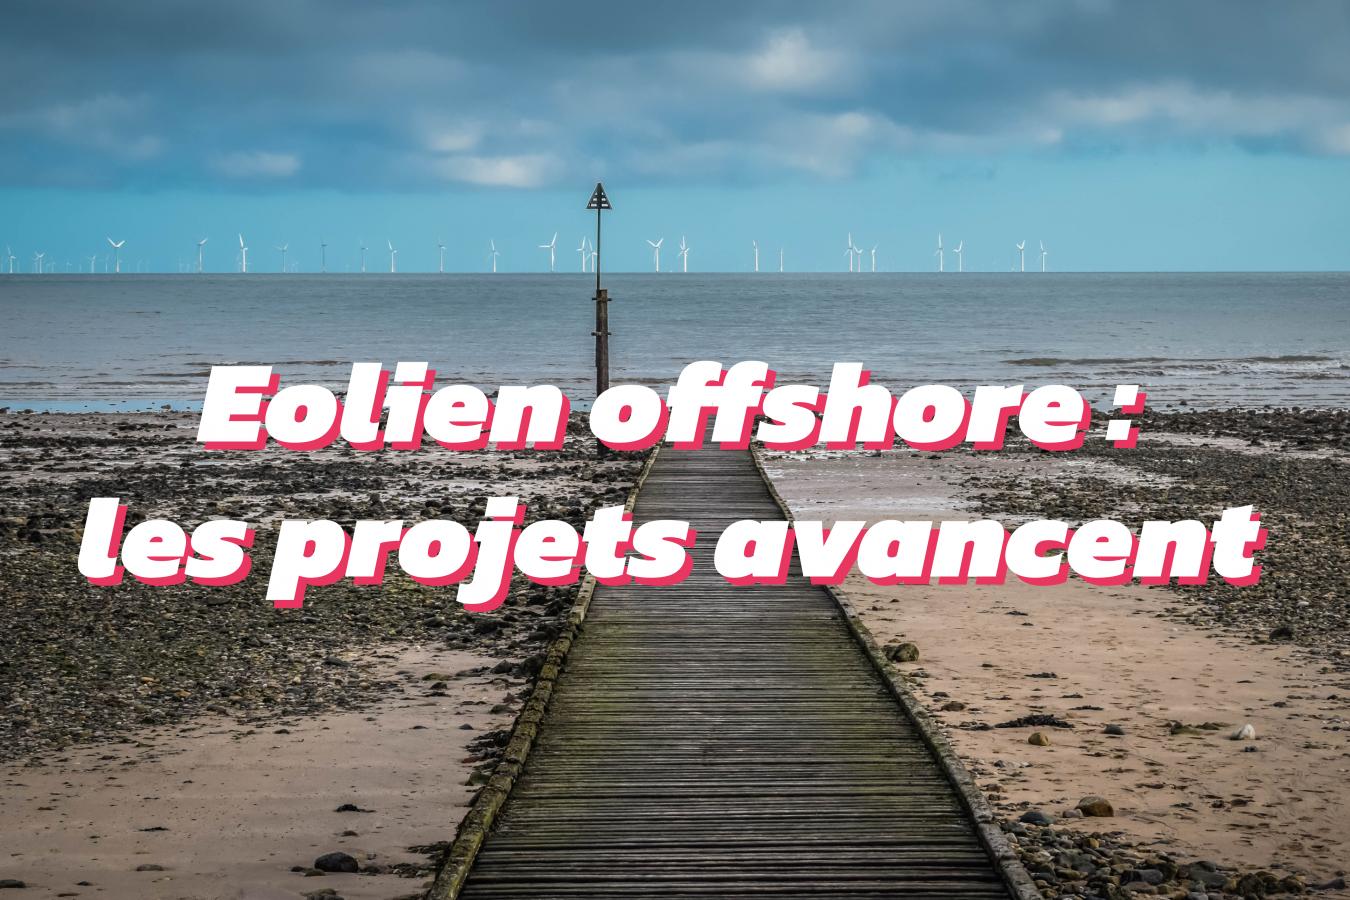 actualités de l'éolien offshore en France